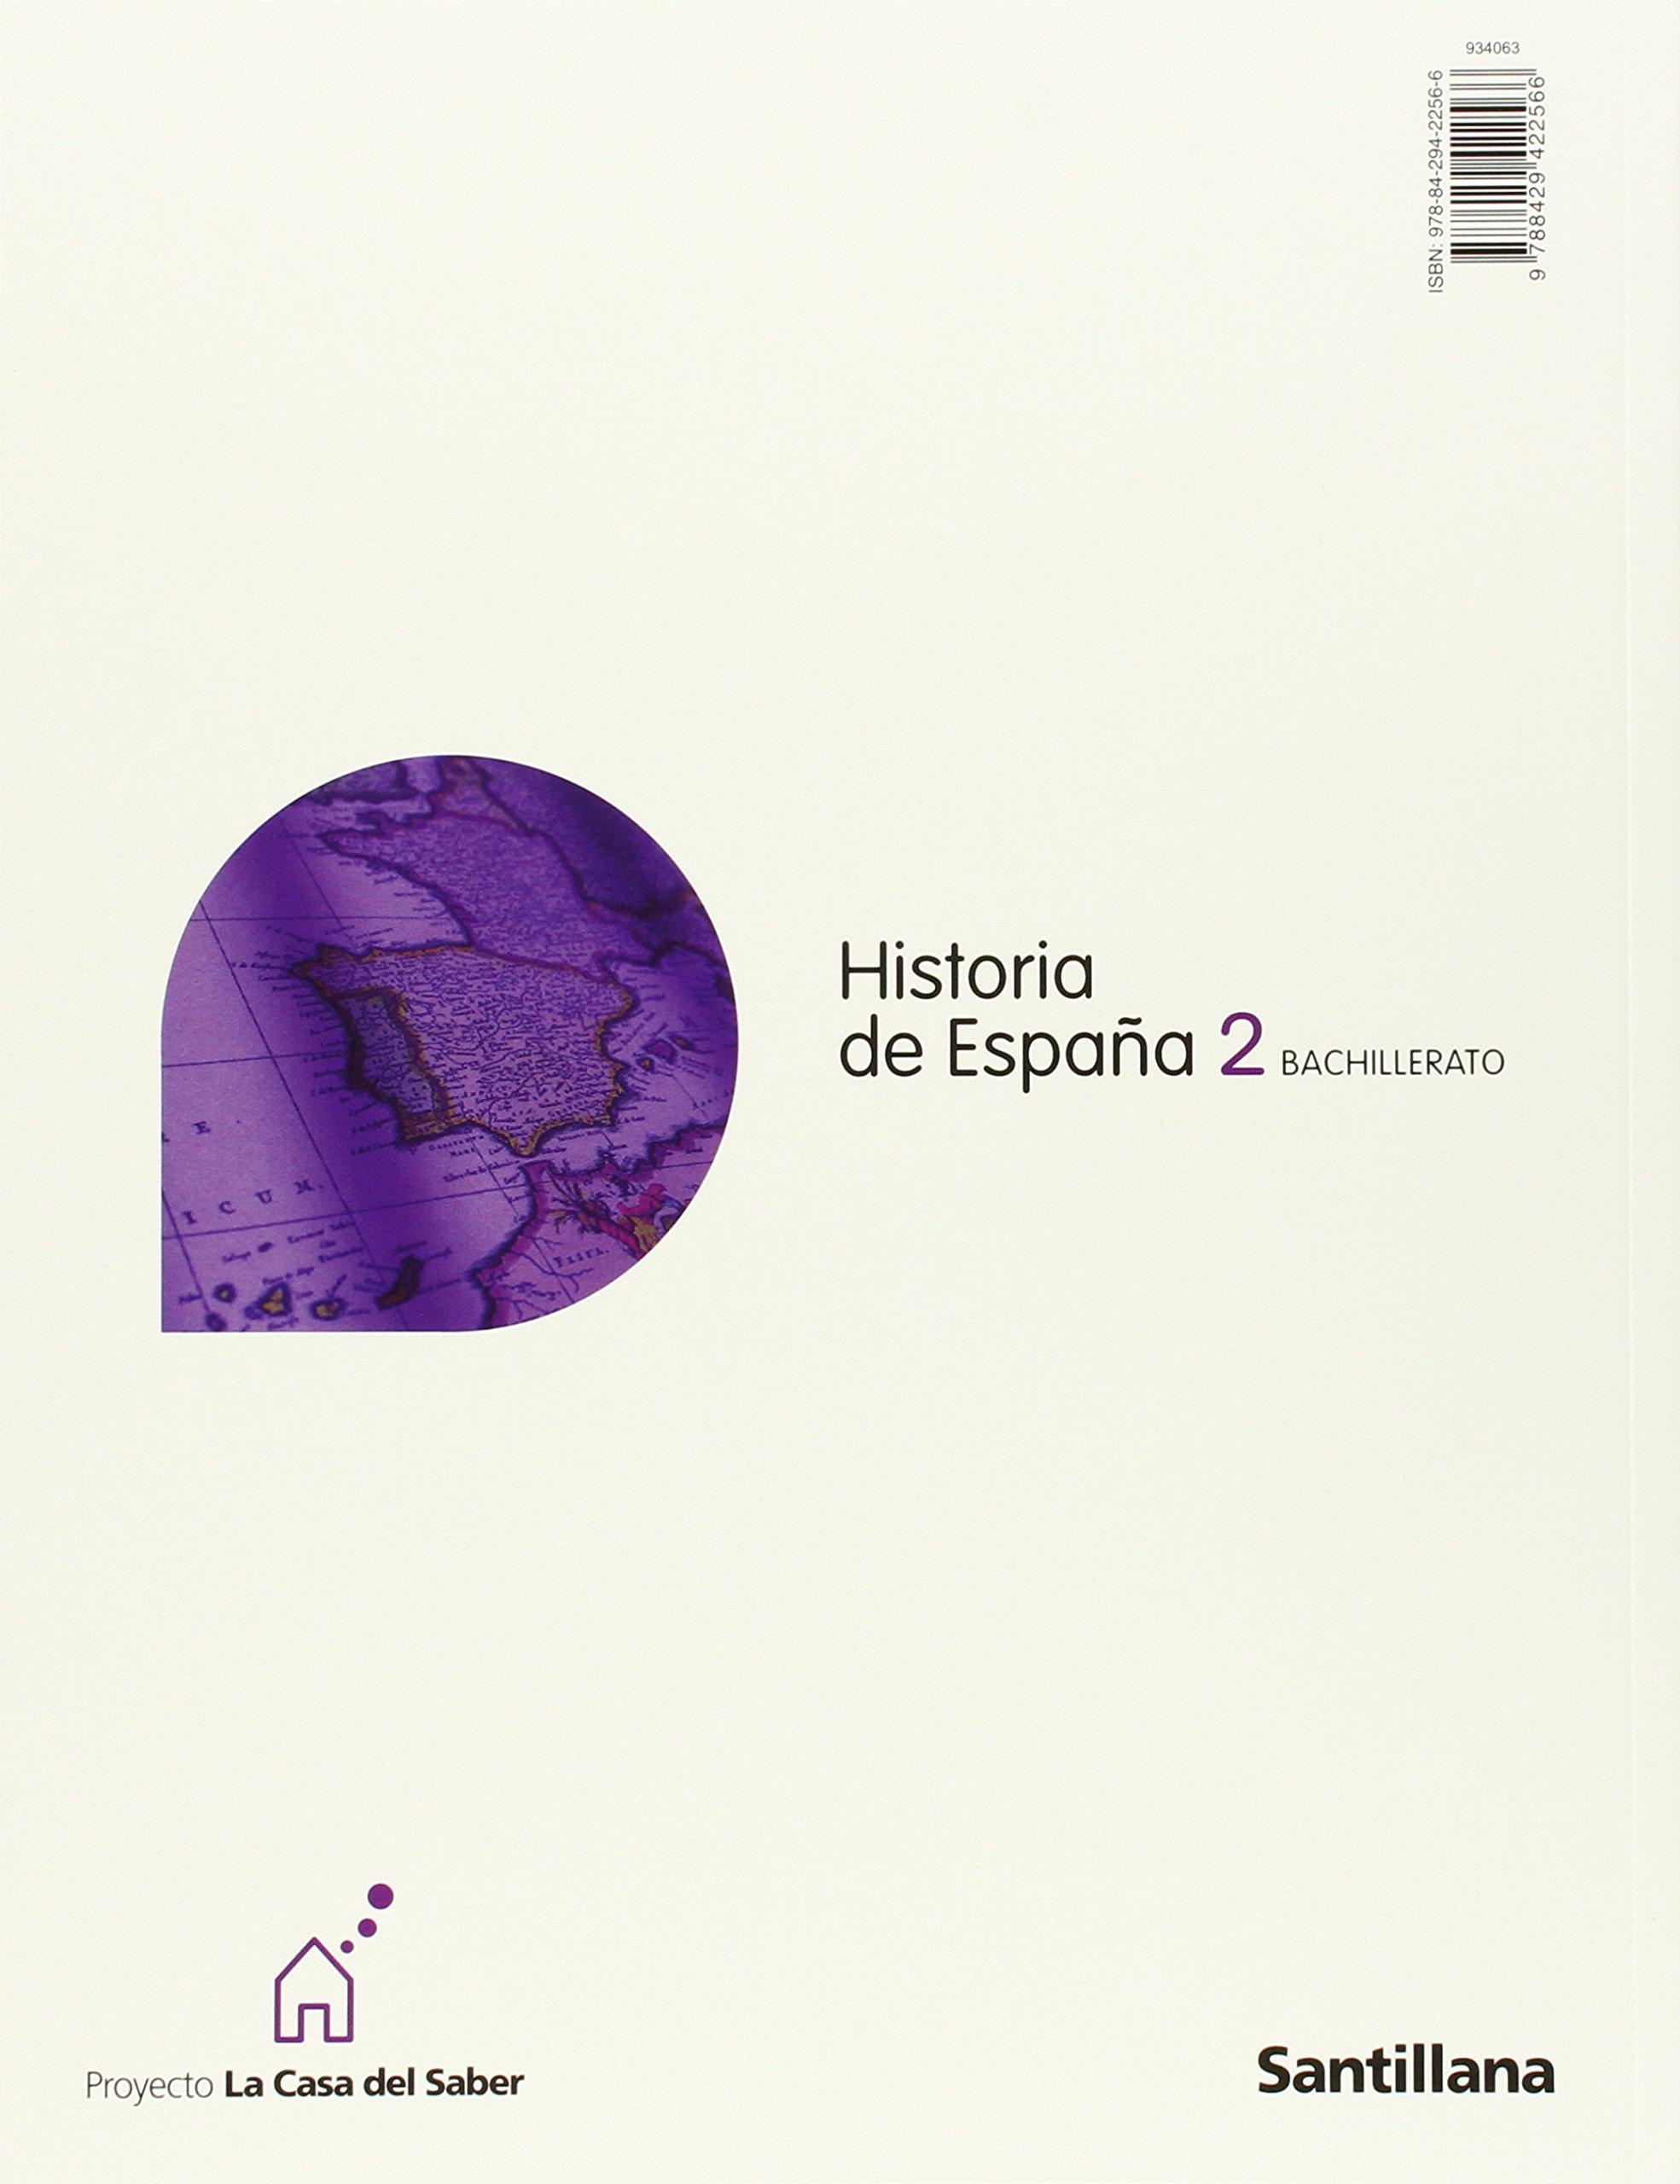 Historia de España Com. Valenciana Cast 2 Bachillerato La Casa Del Saber - 9788498073171: Amazon.es: Aa.Vv.: Libros